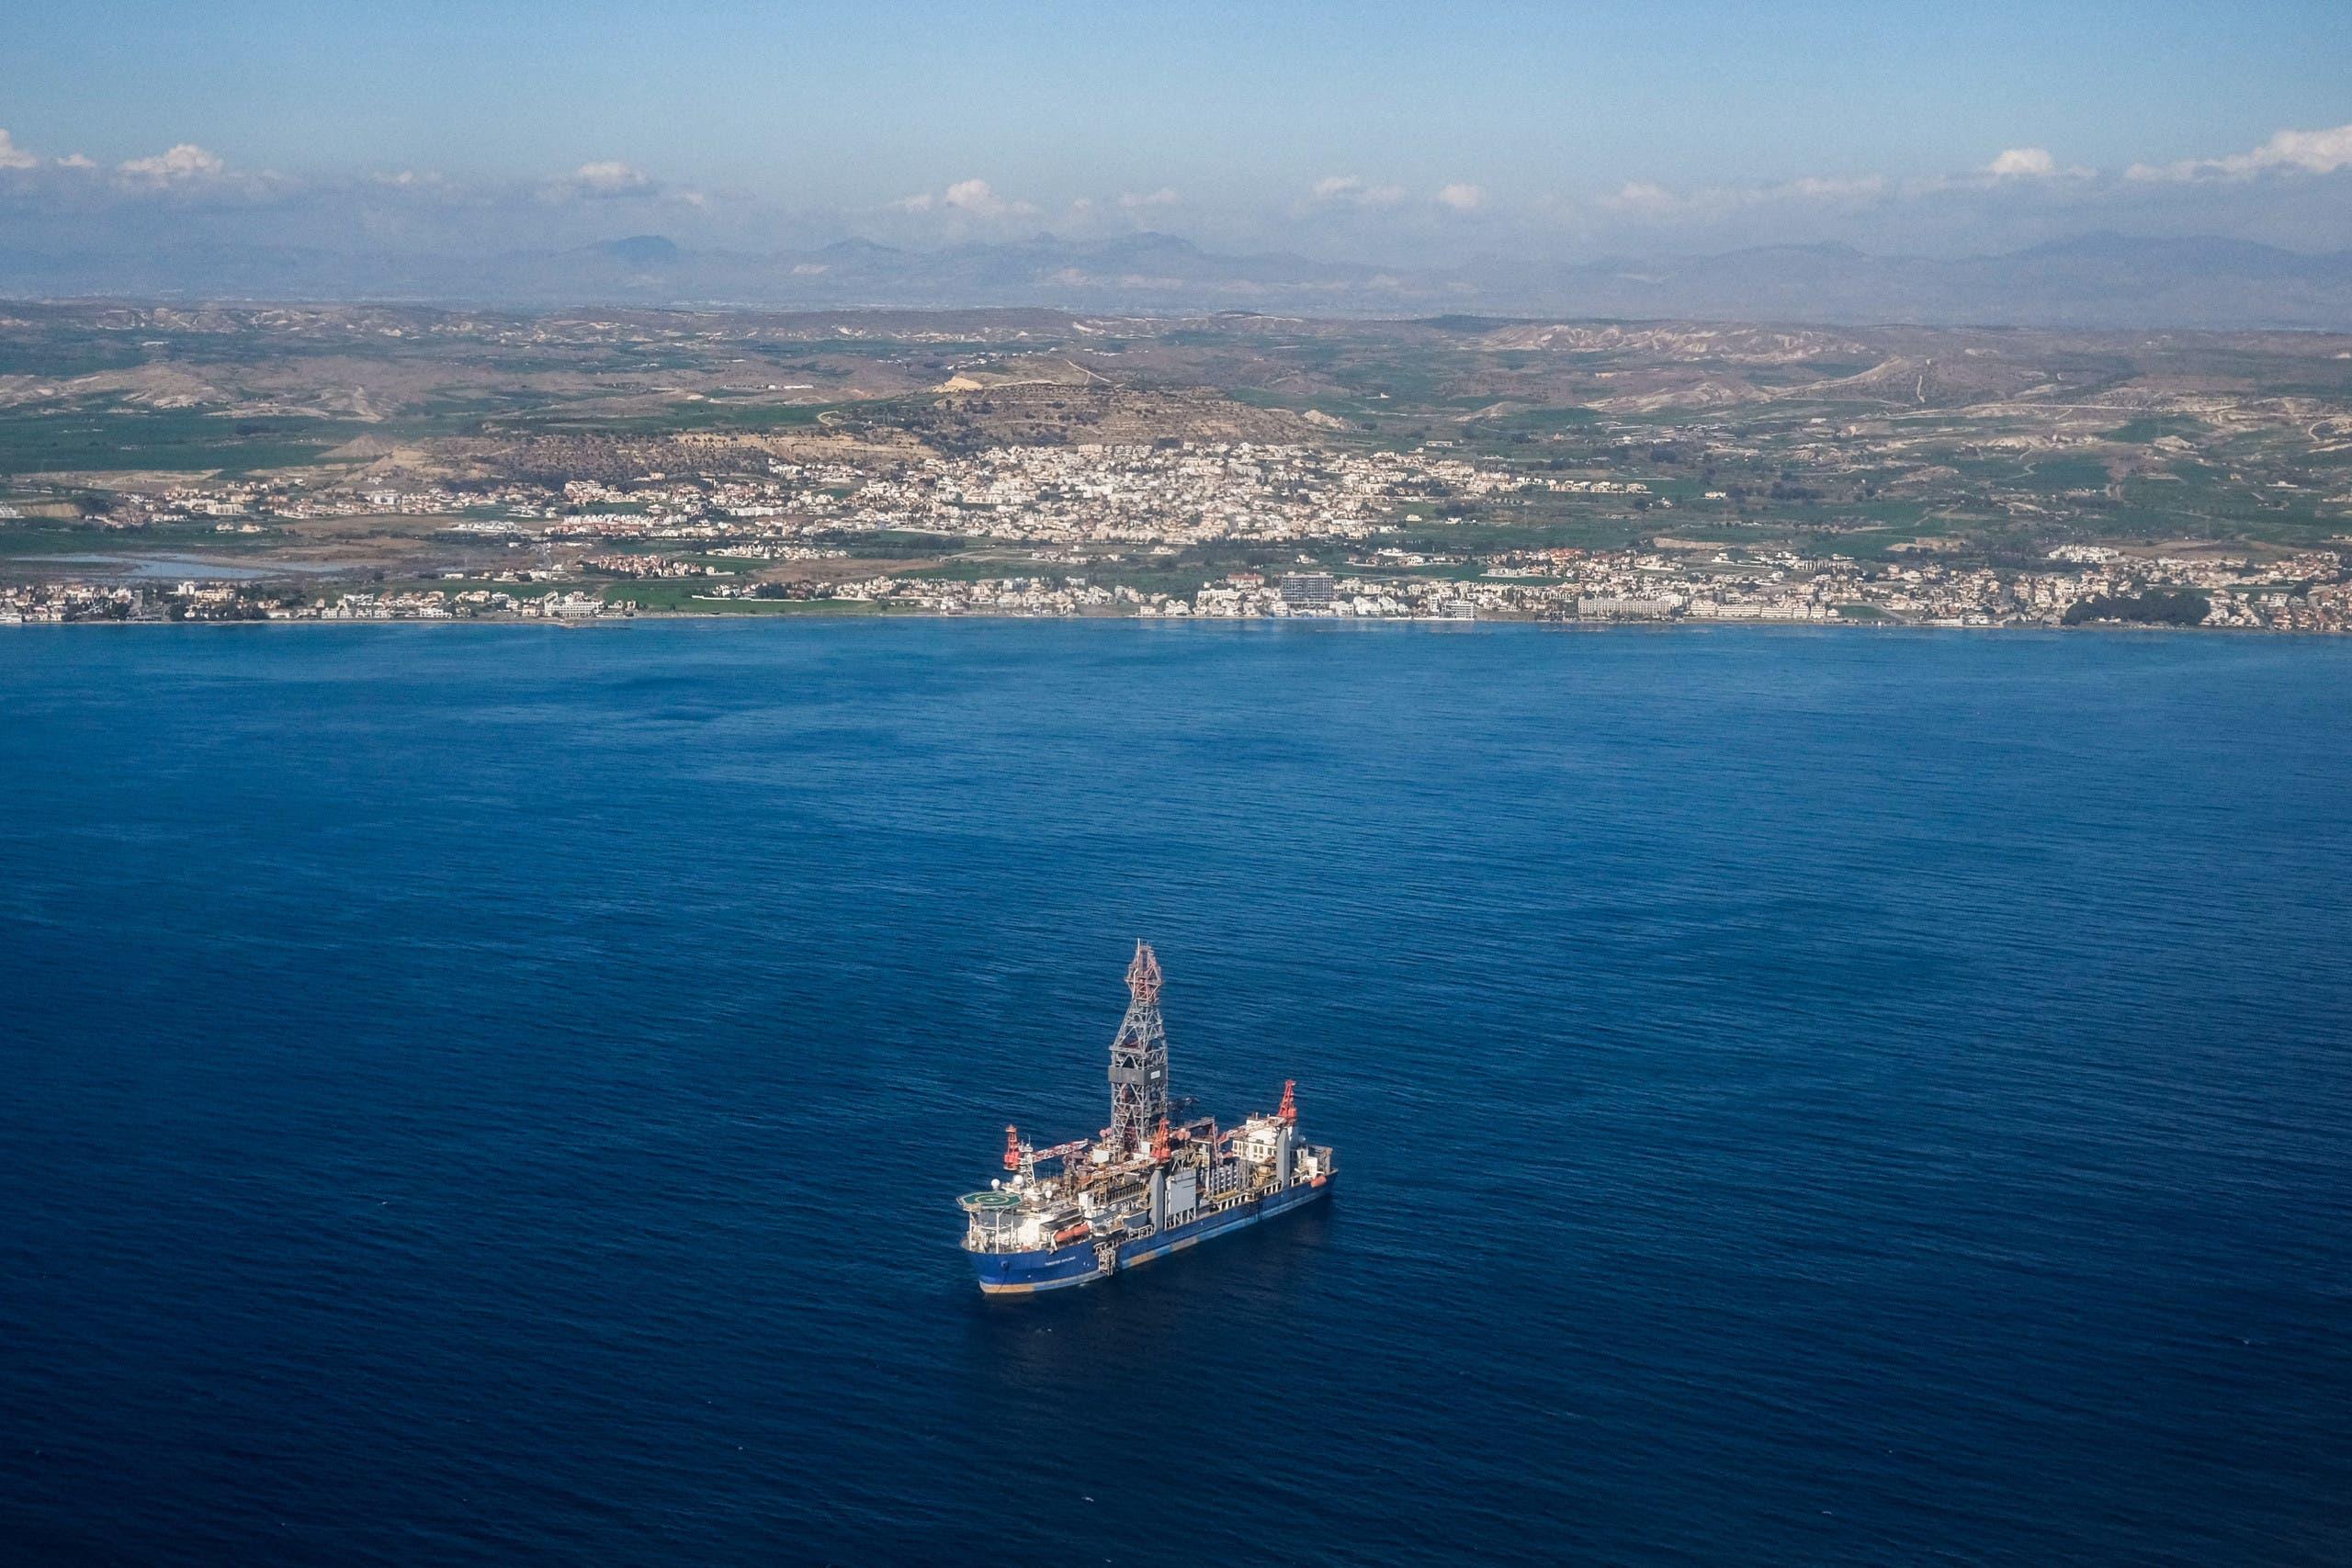 سفينة تنقيب تابعة لقبرص قبالة سواحلها